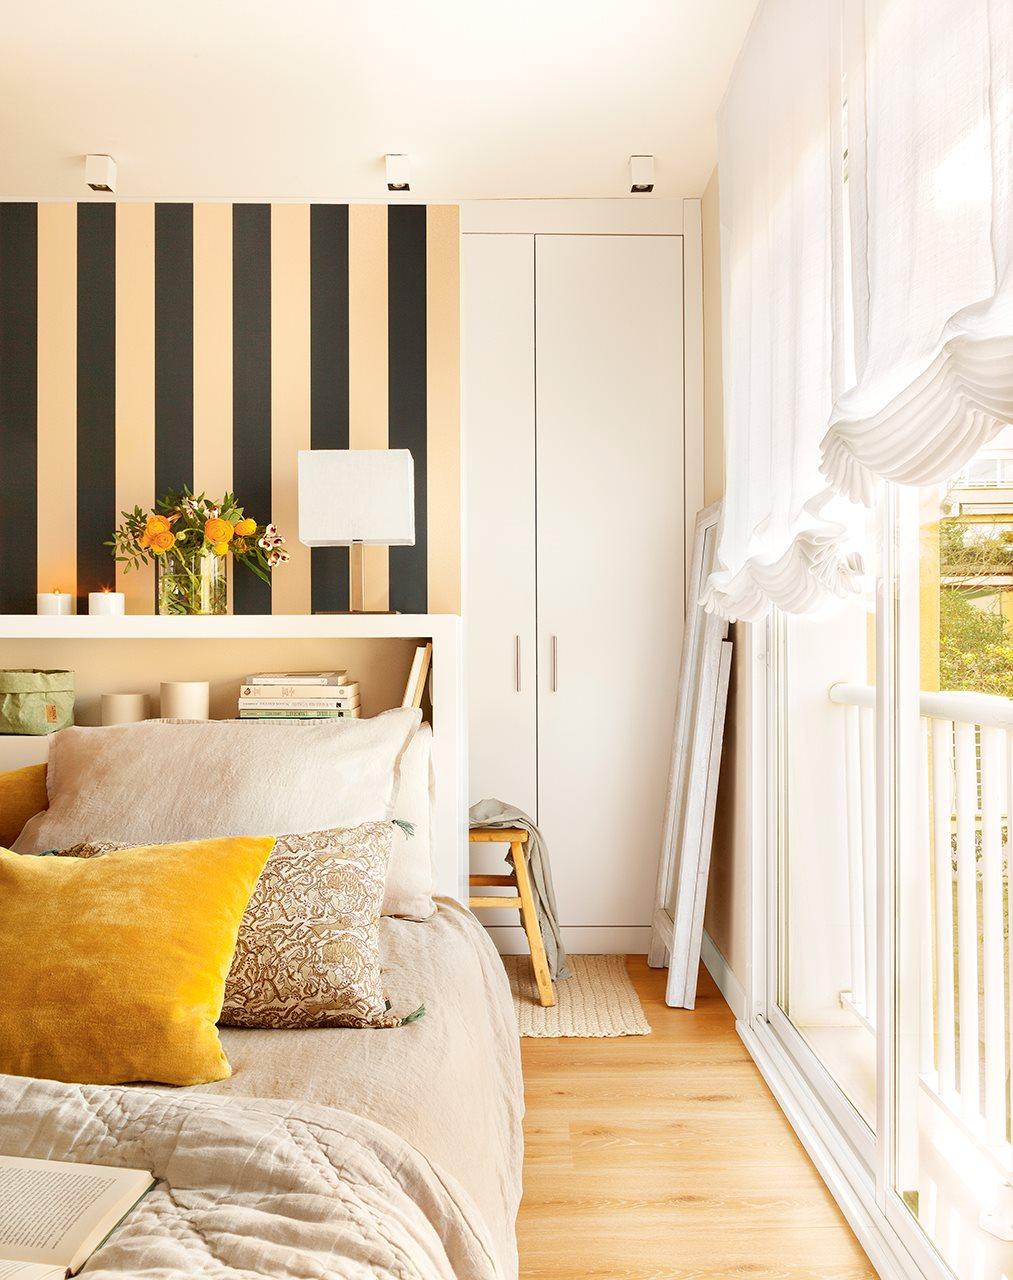 Dormitorio con papel de rayas en el cabecero. Dormitorio con cama con cabecero blanco y papel pintado a rayas en la pared